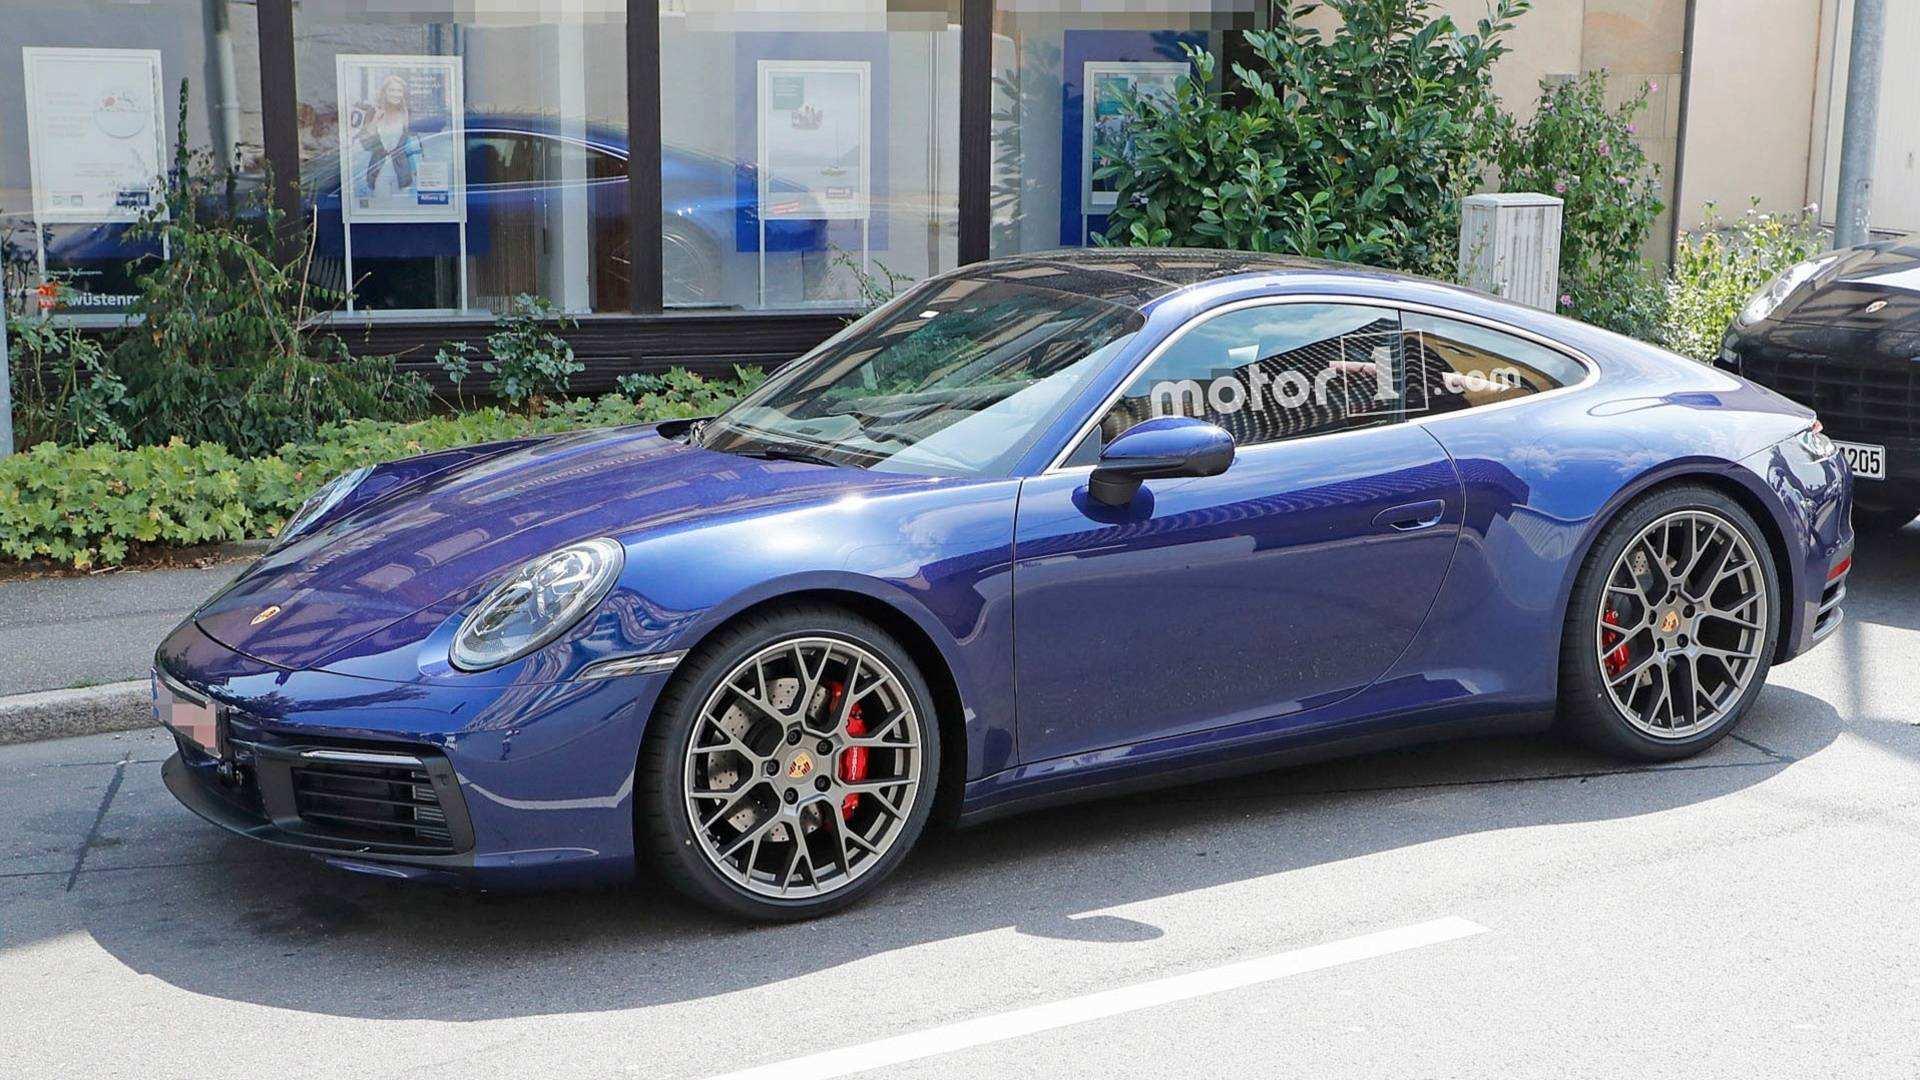 82 Great 2019 New Porsche Research New for 2019 New Porsche